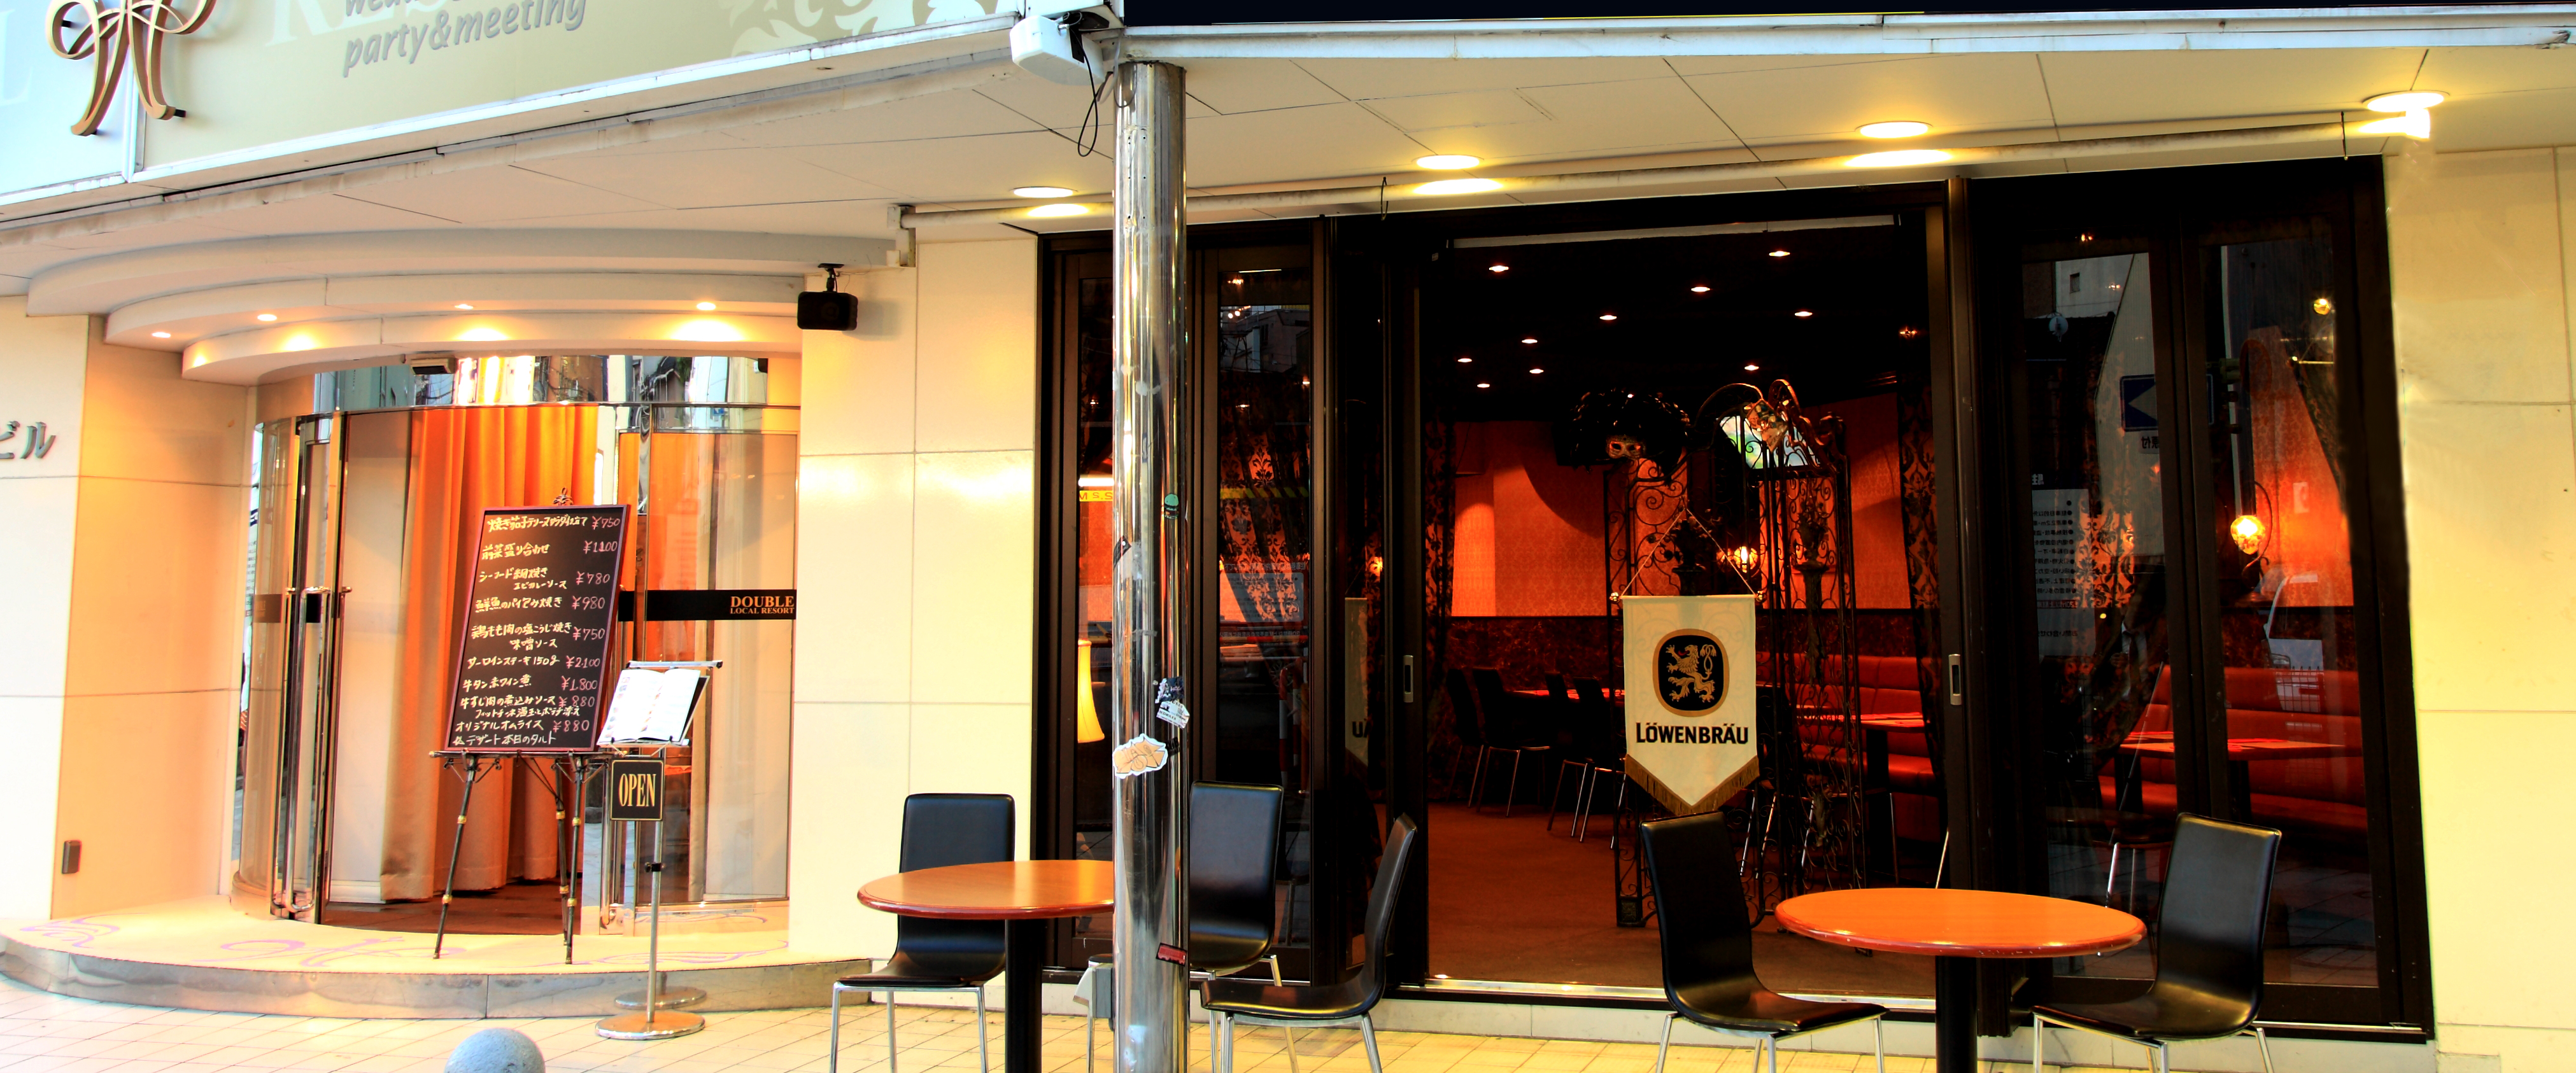 石川県金沢市の2次会やパーティーなどを行うマルチスペースダブルの店舗写真